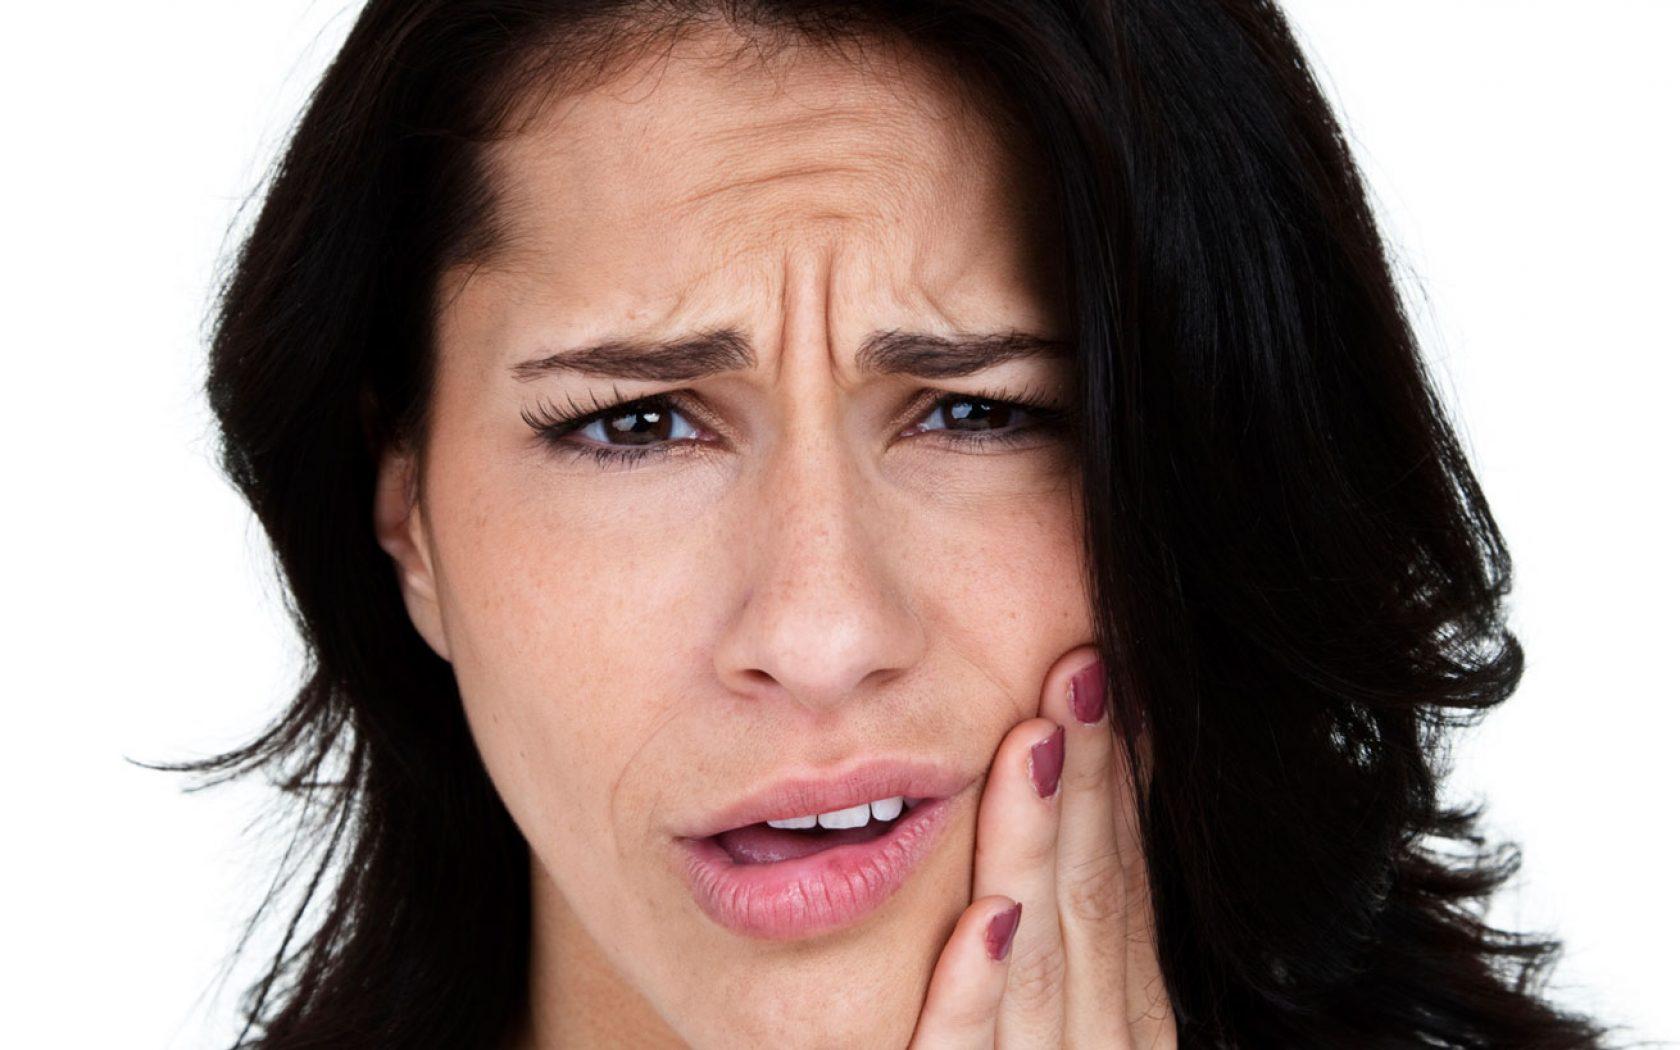 Πονοκέφαλος ως αιτία κροταφογναθικής